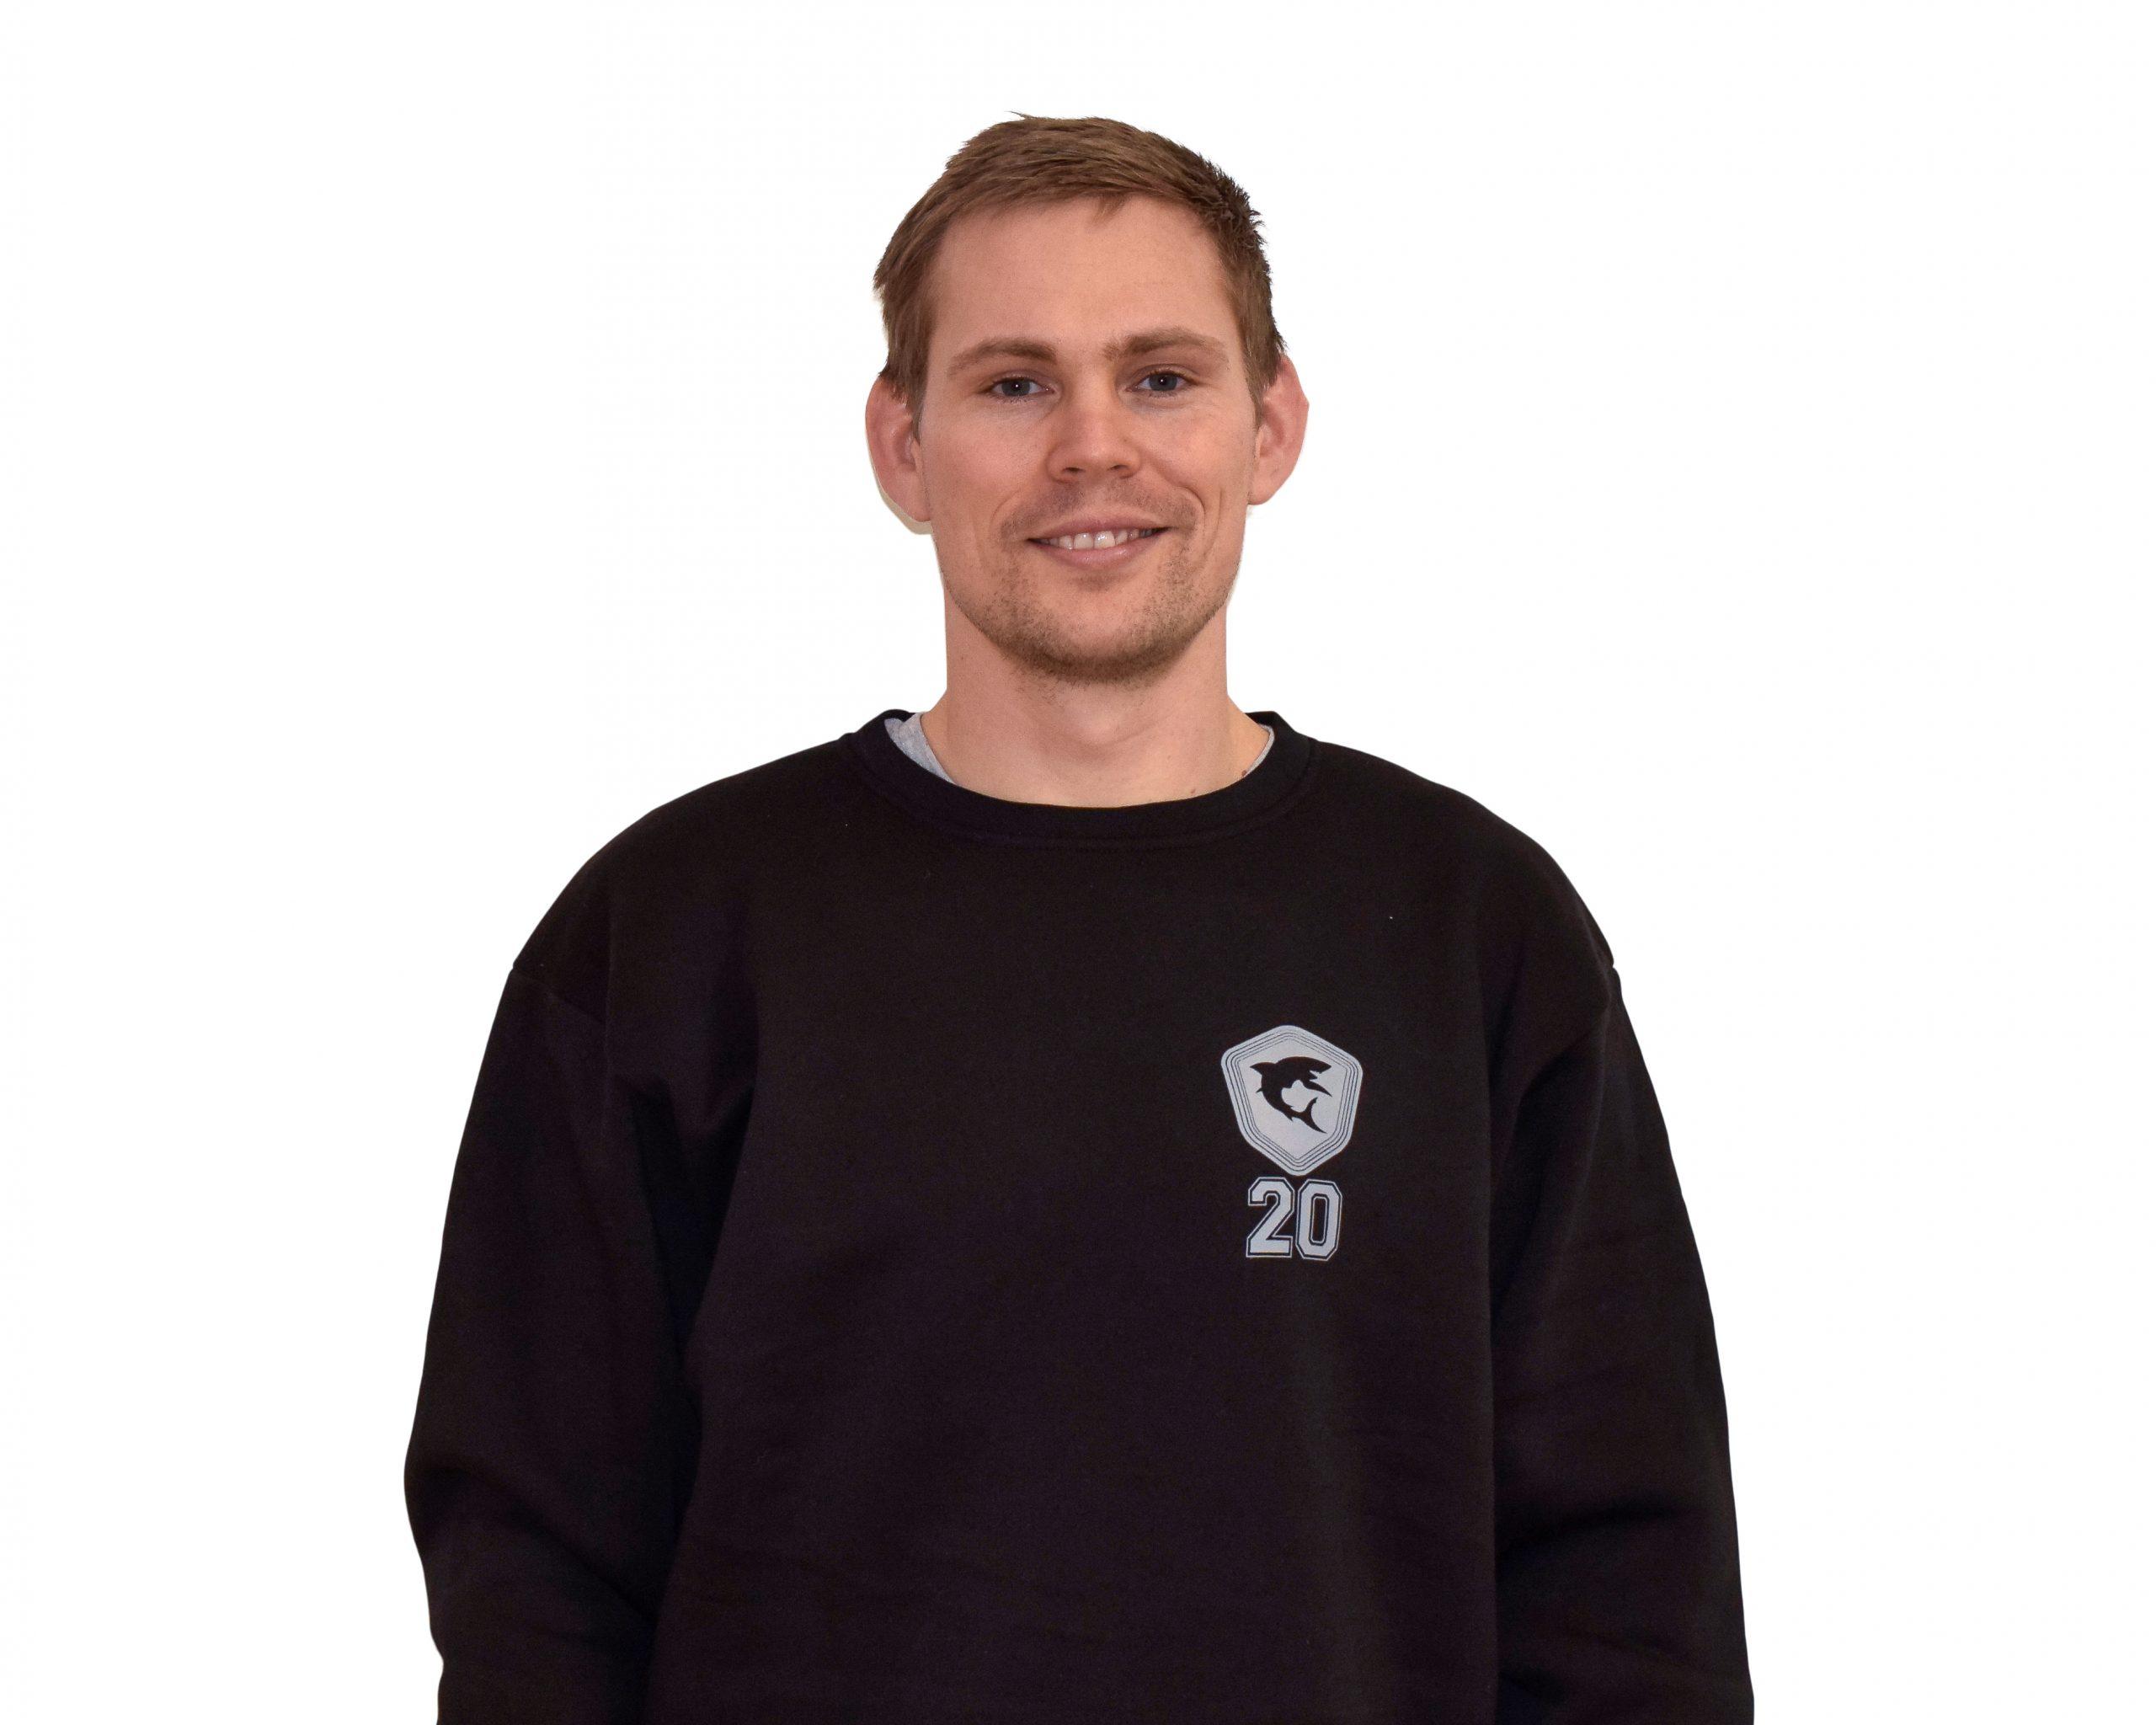 Martin Haastrup